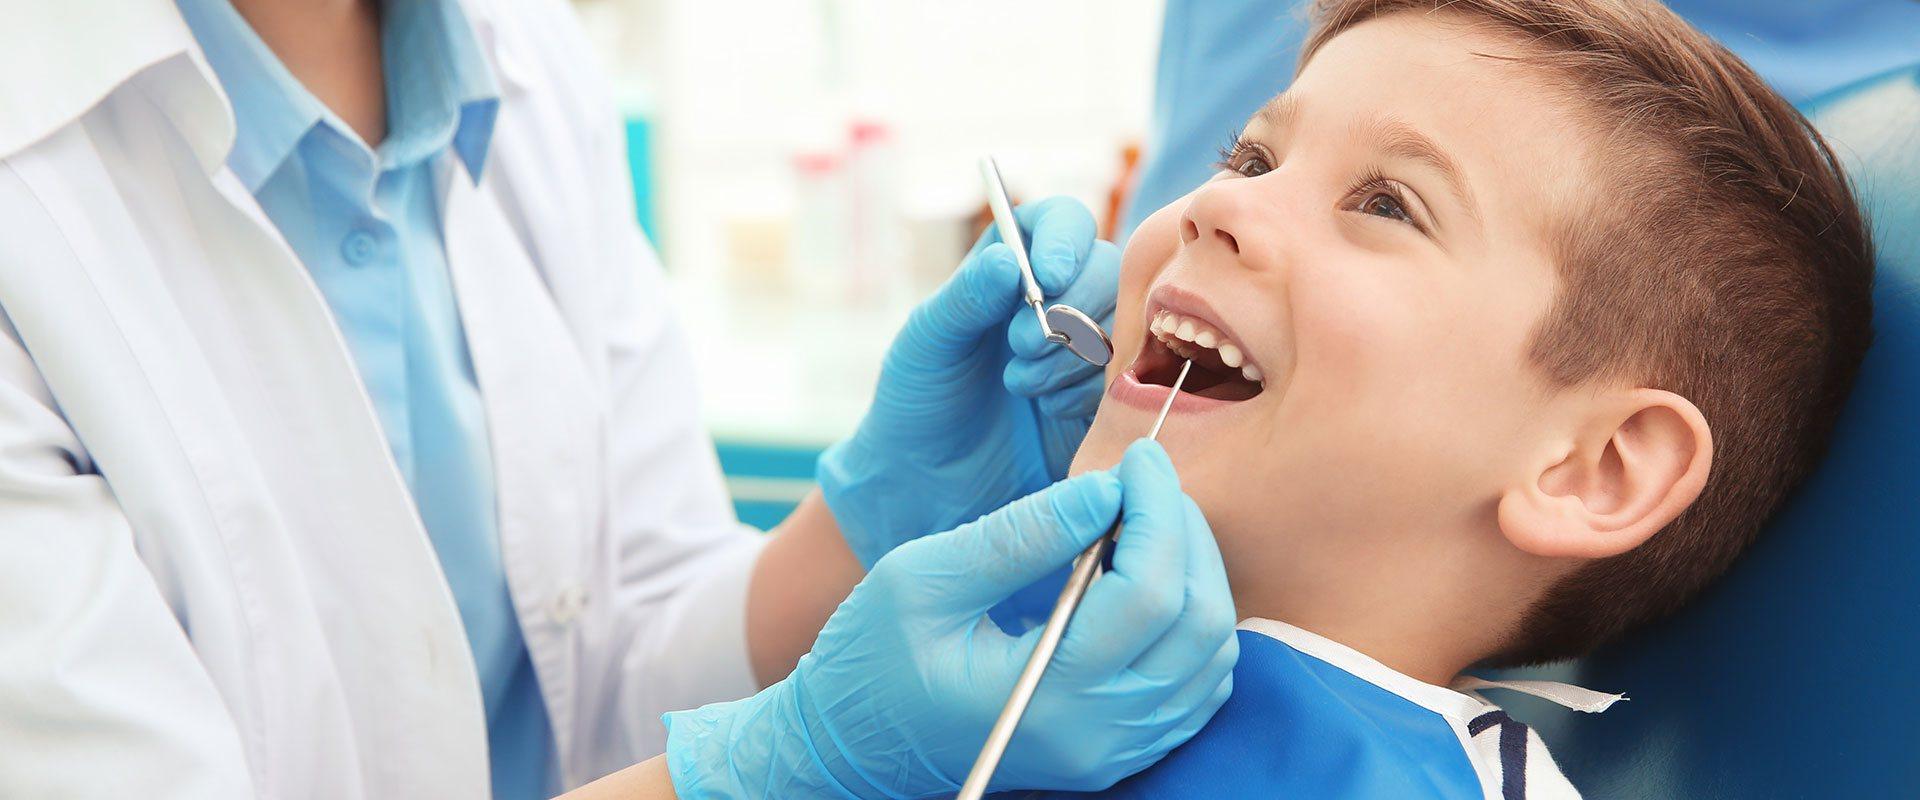 Make Dental Care Fun Again!